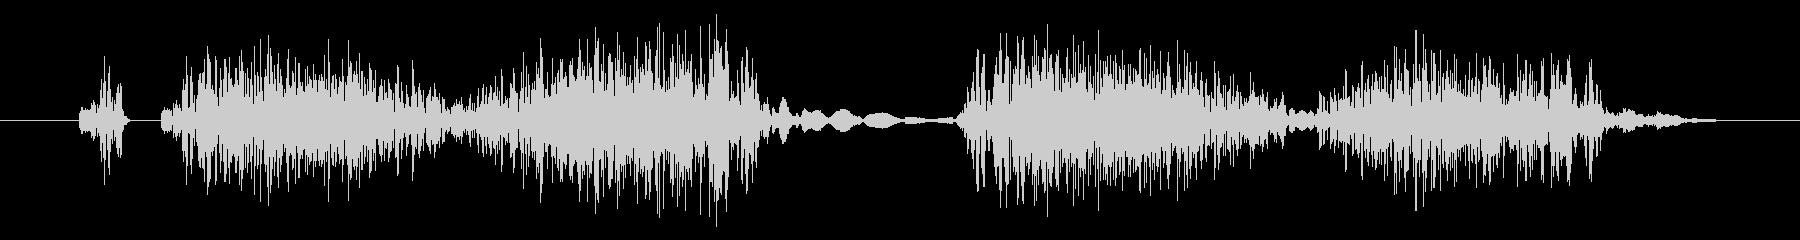 チュクチュク!DJのスクラッチ効果音!1の未再生の波形